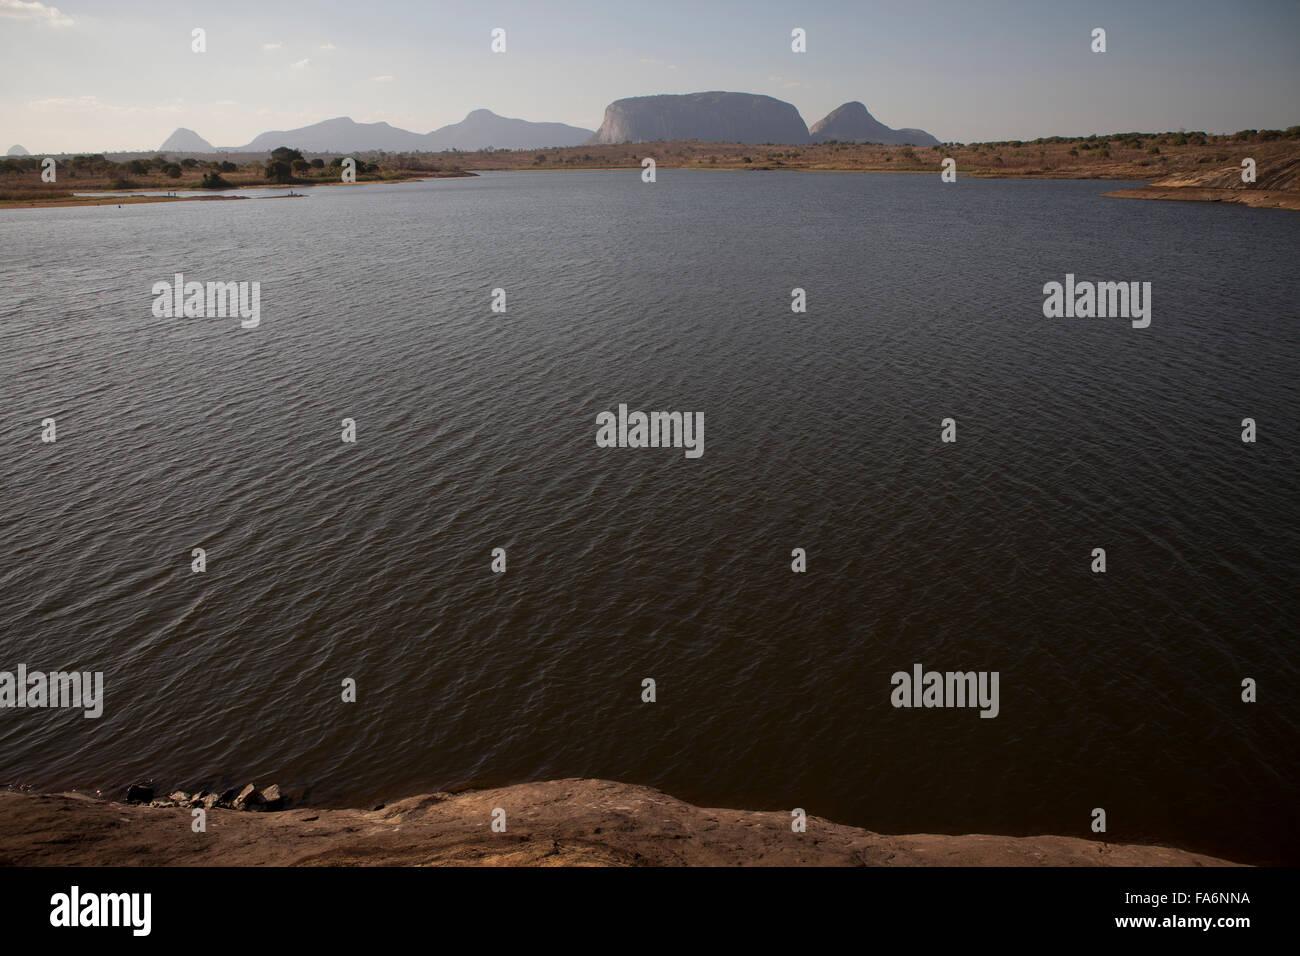 Le barrage Manapo alimente en eau la ville de Nampula, Mozambique et les zones au-delà. Photo Stock